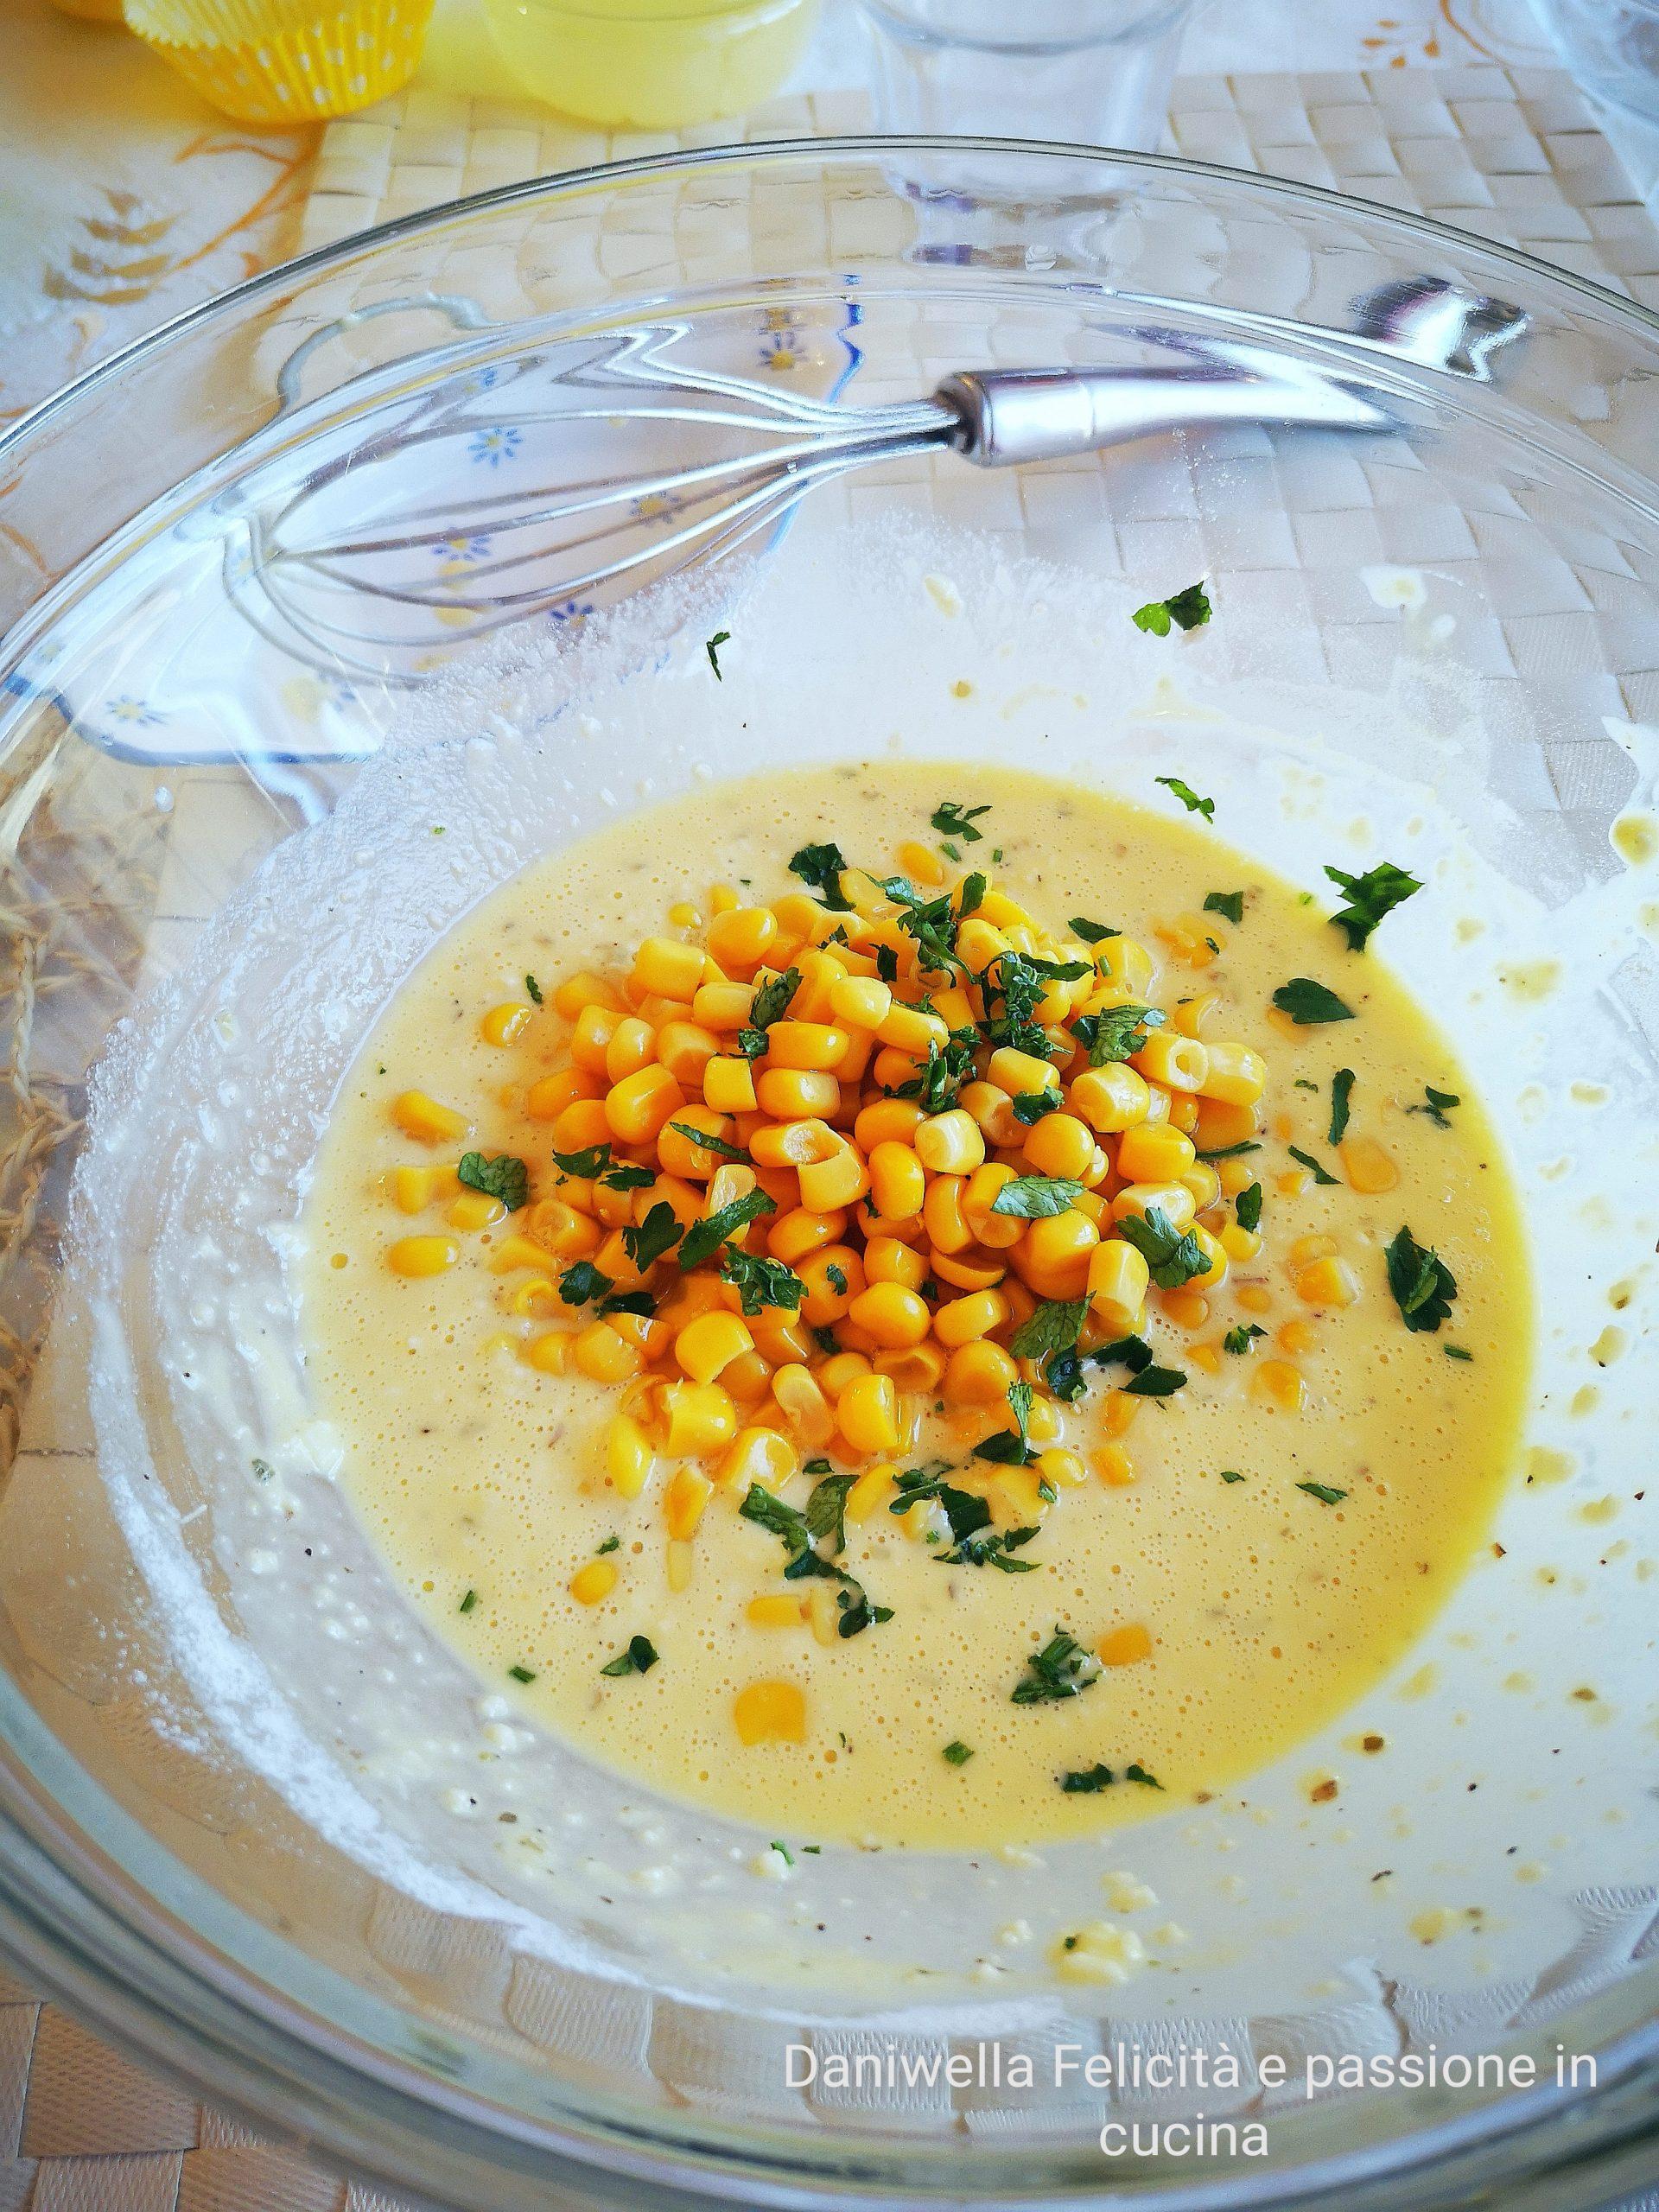 Scolate il mais e aggiungerlo alla pastella insieme al prezzemolo tritato al coltello, il sale e il pepe.